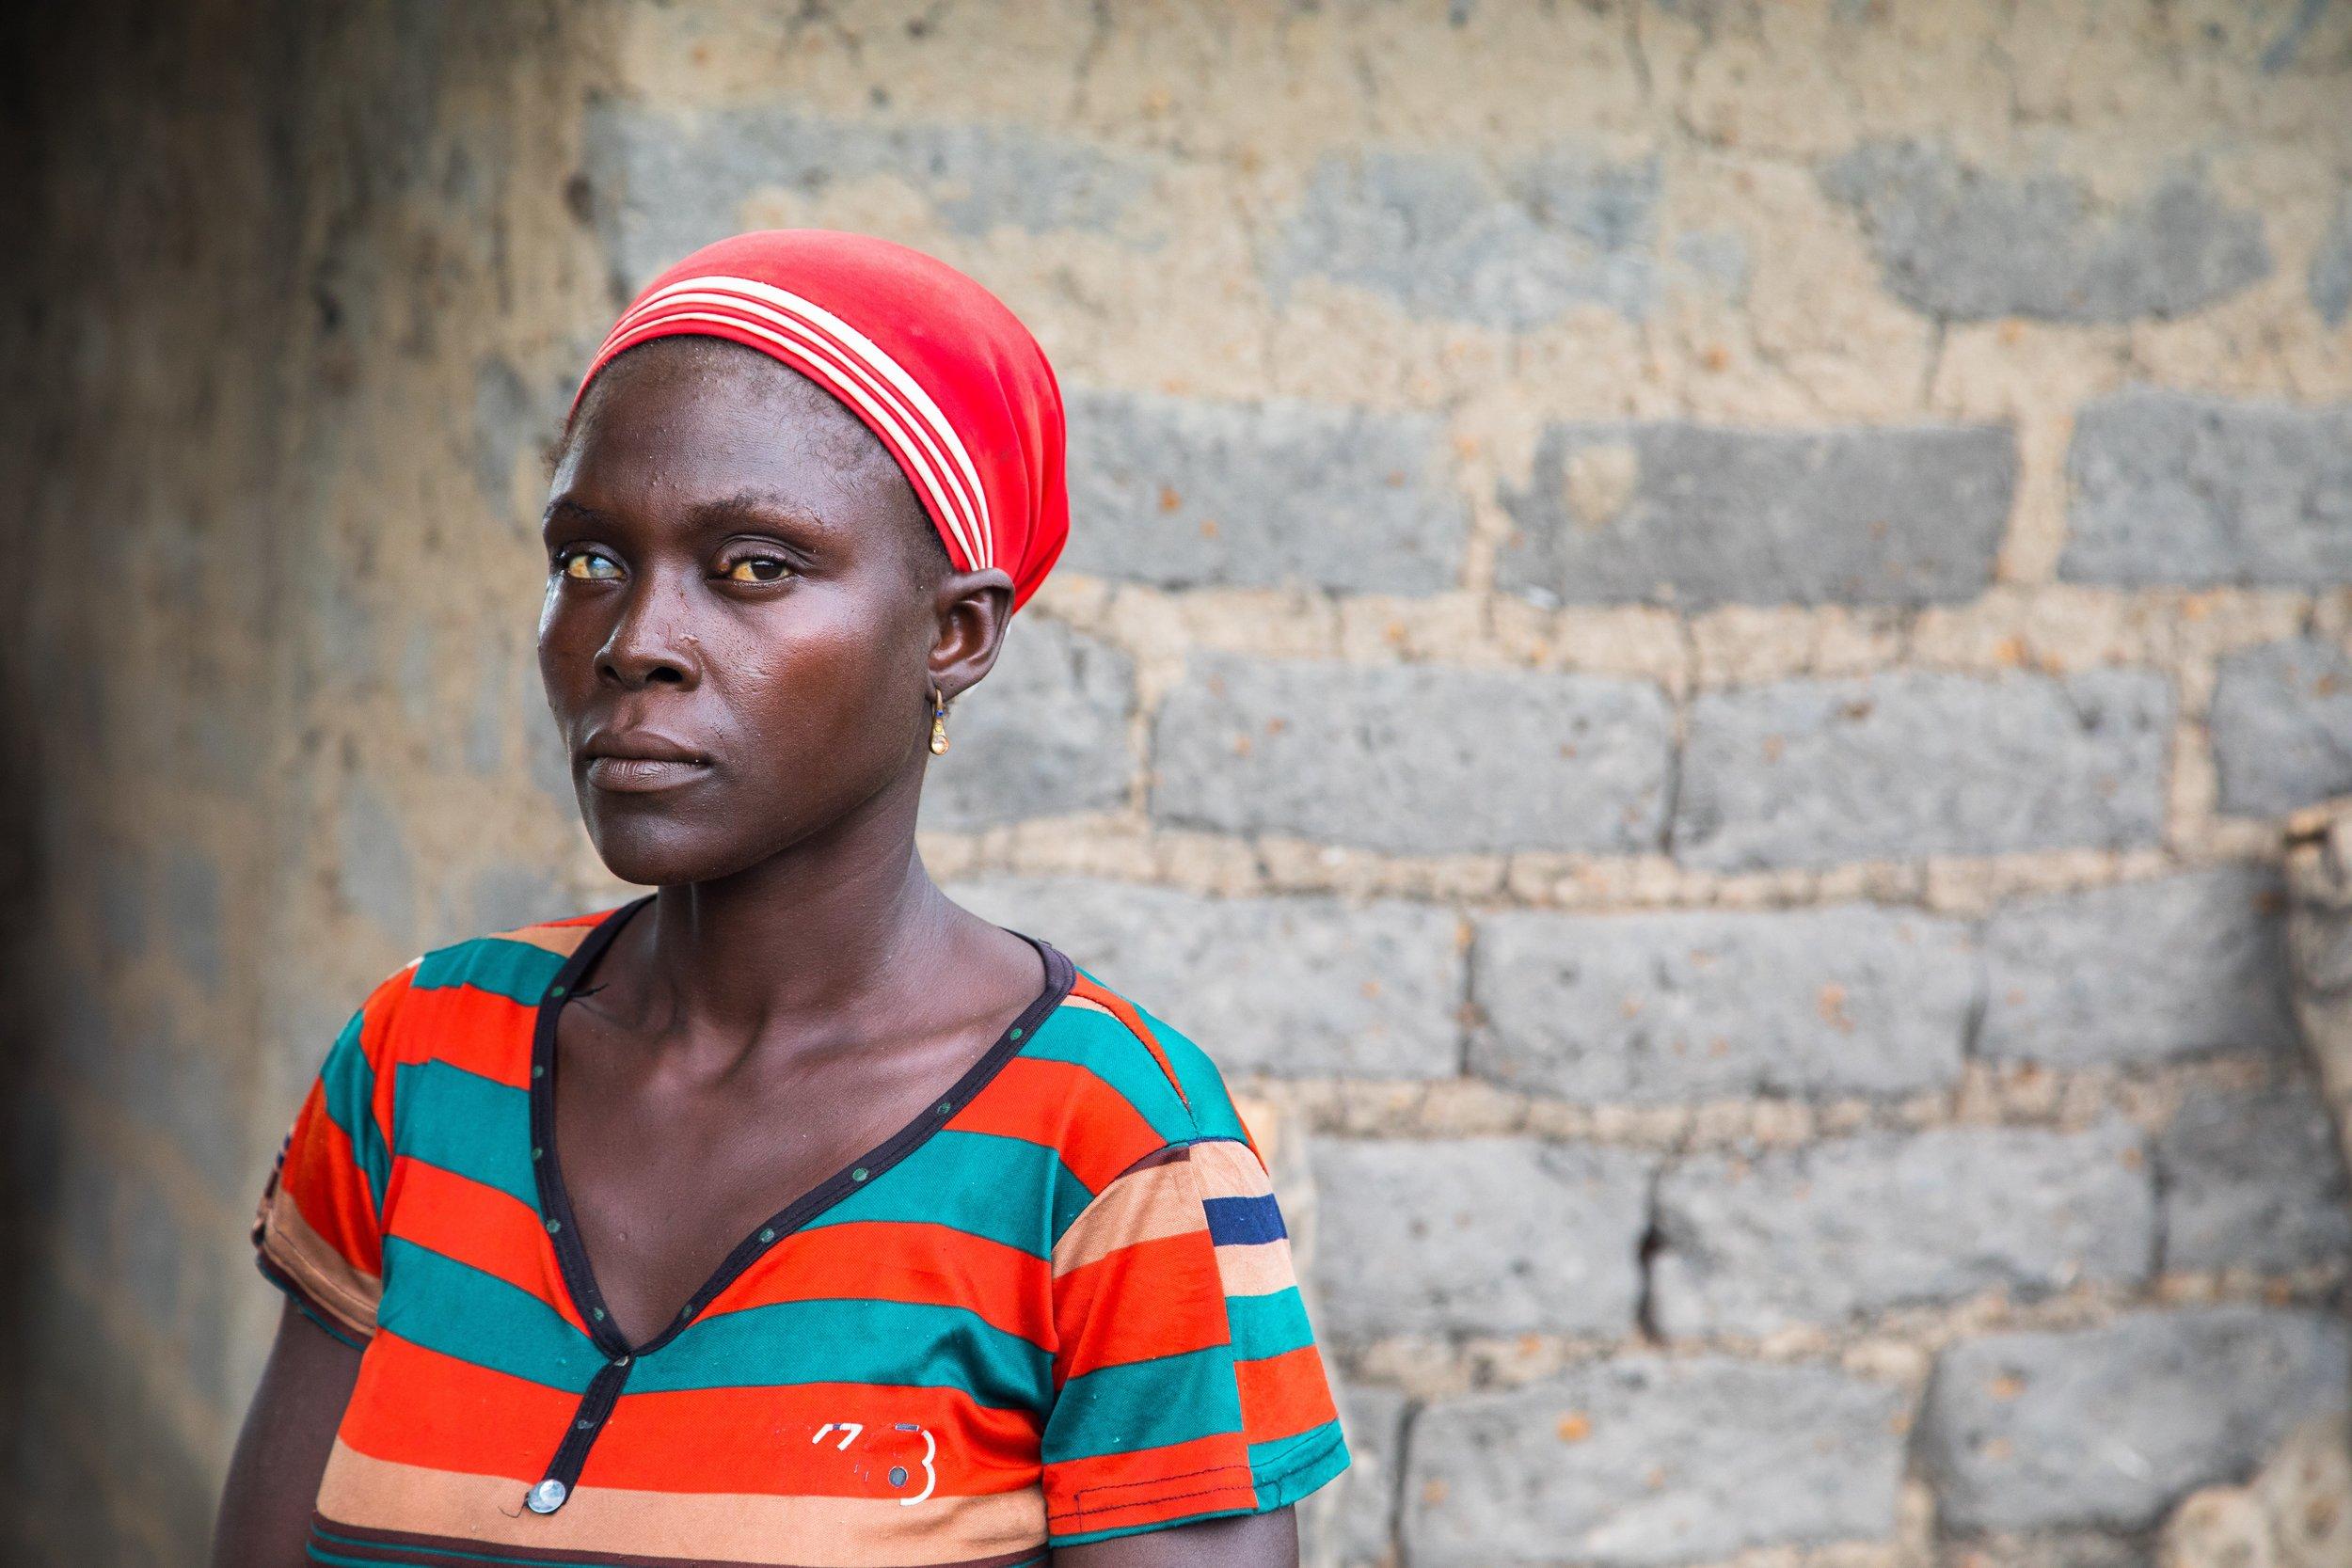 A widow in Benue State, Nigeria